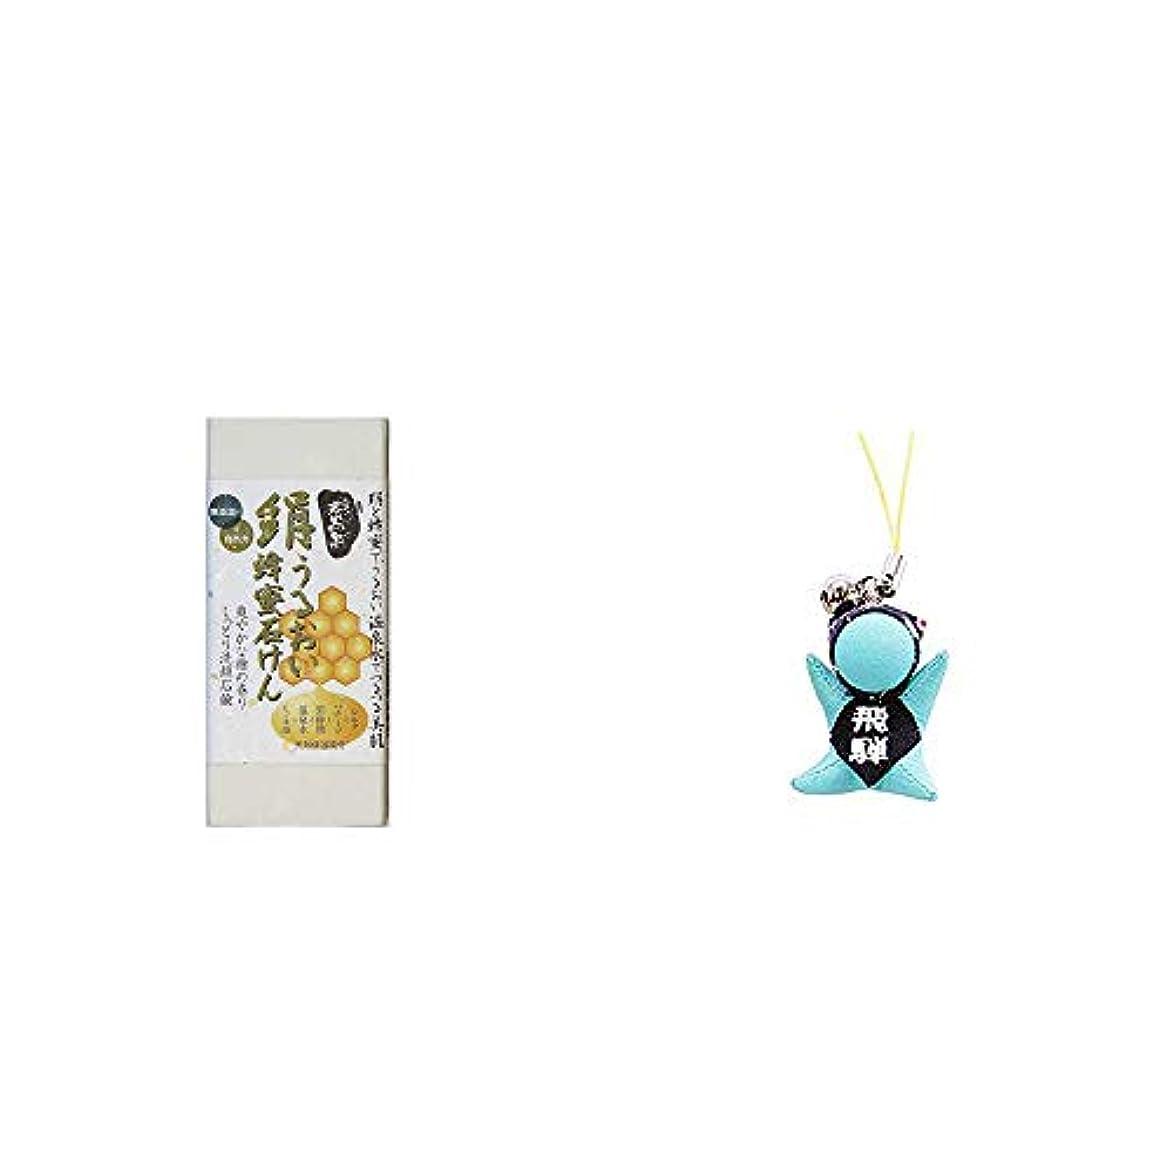 おびえたダイヤル平らにする[2点セット] ひのき炭黒泉 絹うるおい蜂蜜石けん(75g×2)?さるぼぼ幸福ストラップ 【青】 / 風水カラー全9種類 合格祈願?出世祈願 お守り//